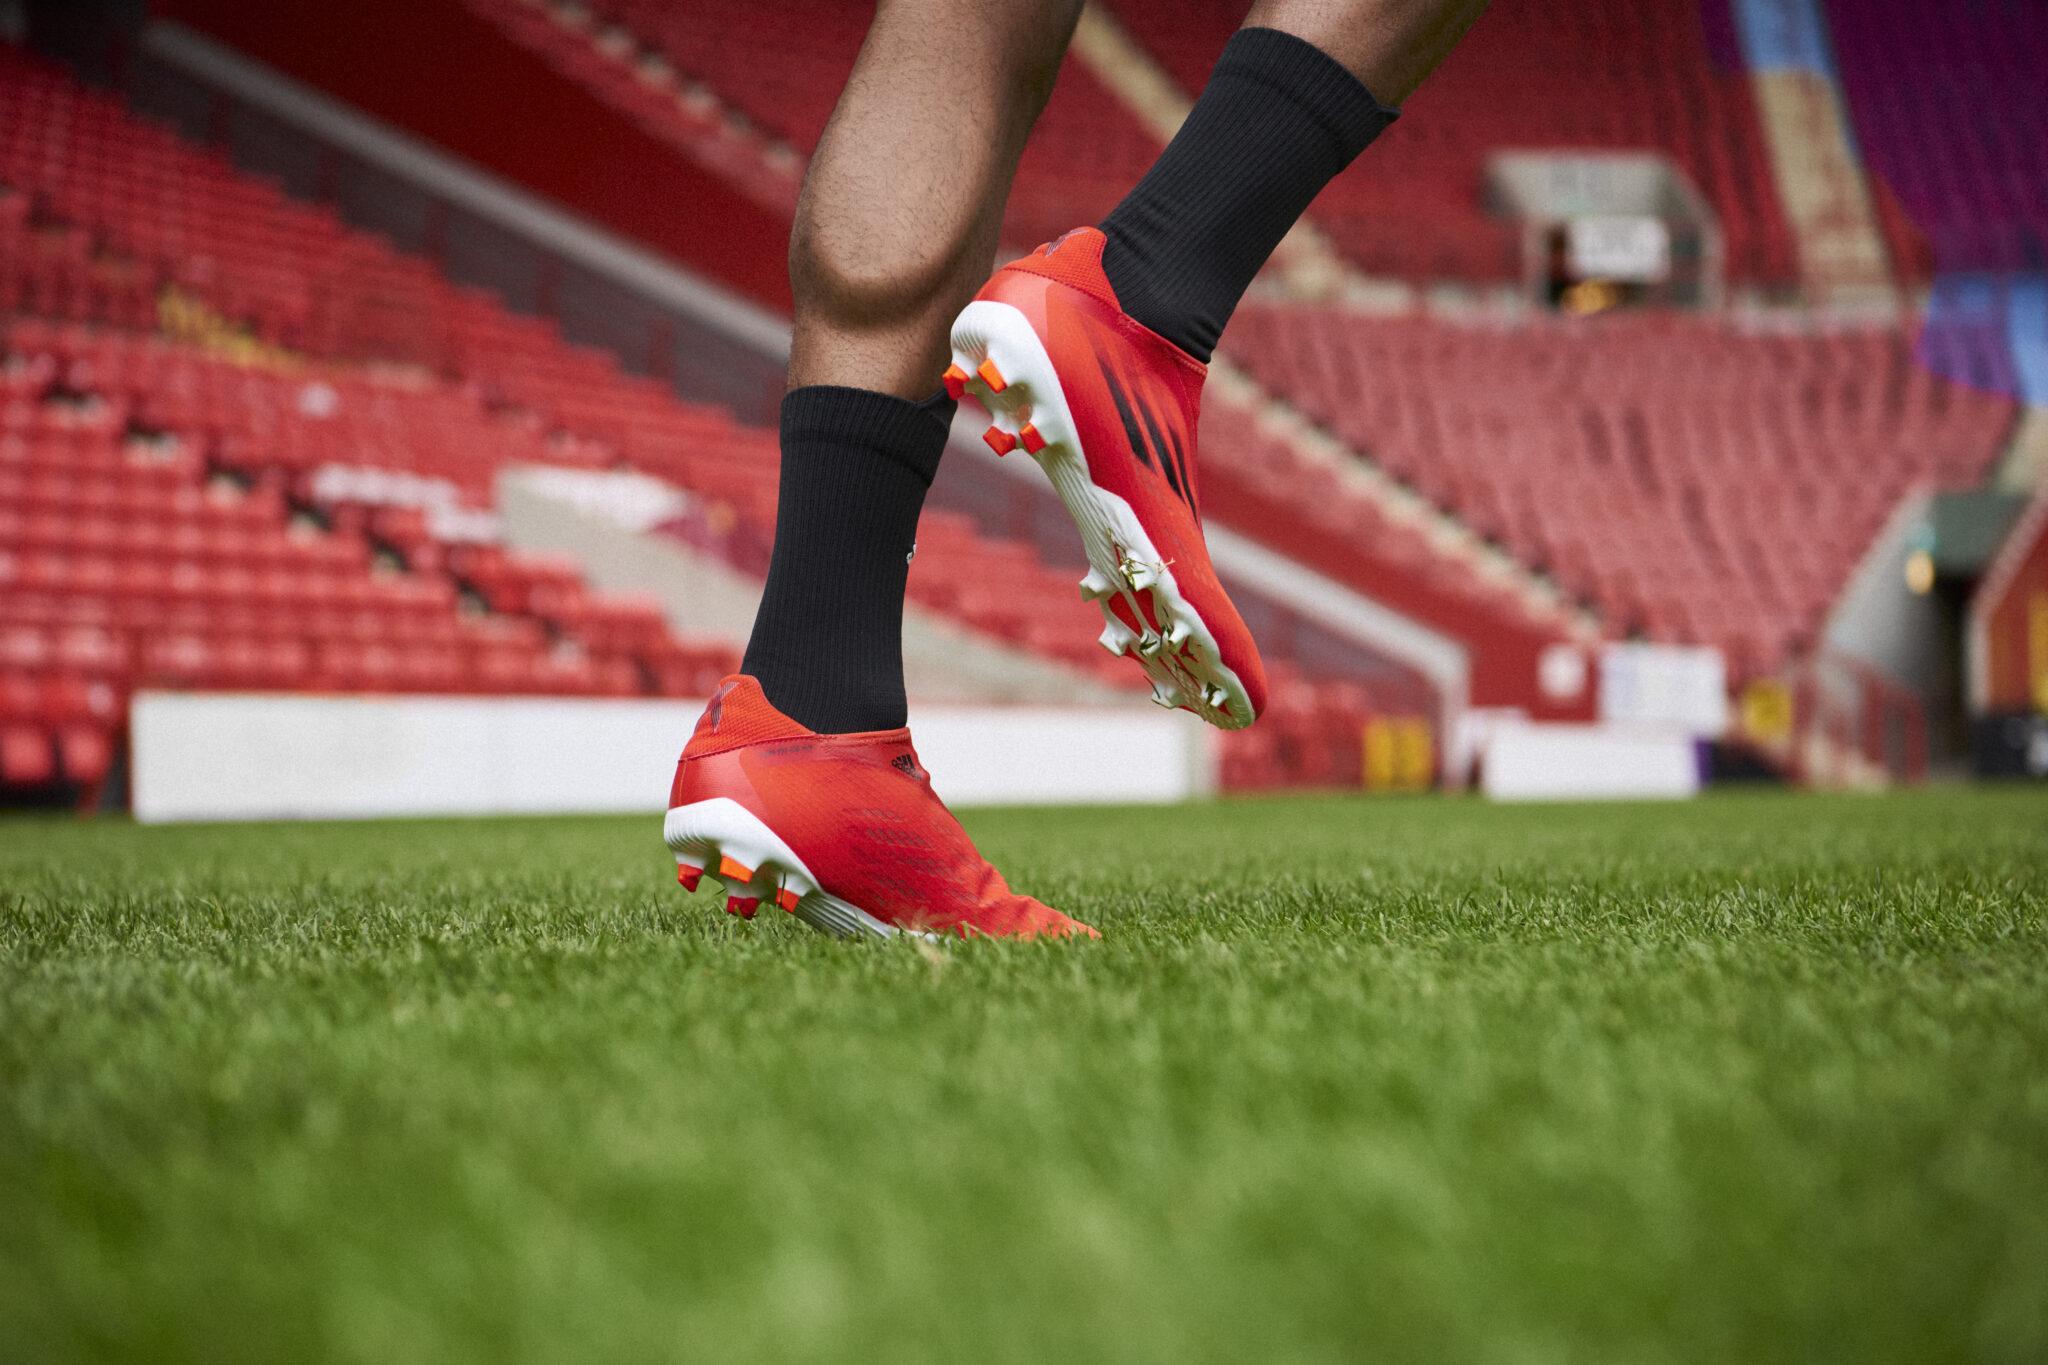 Η adidas επαναπροσδιορίζει την ταχύτητα στο ποδόσφαιρο με τo X SPEEDFLOW